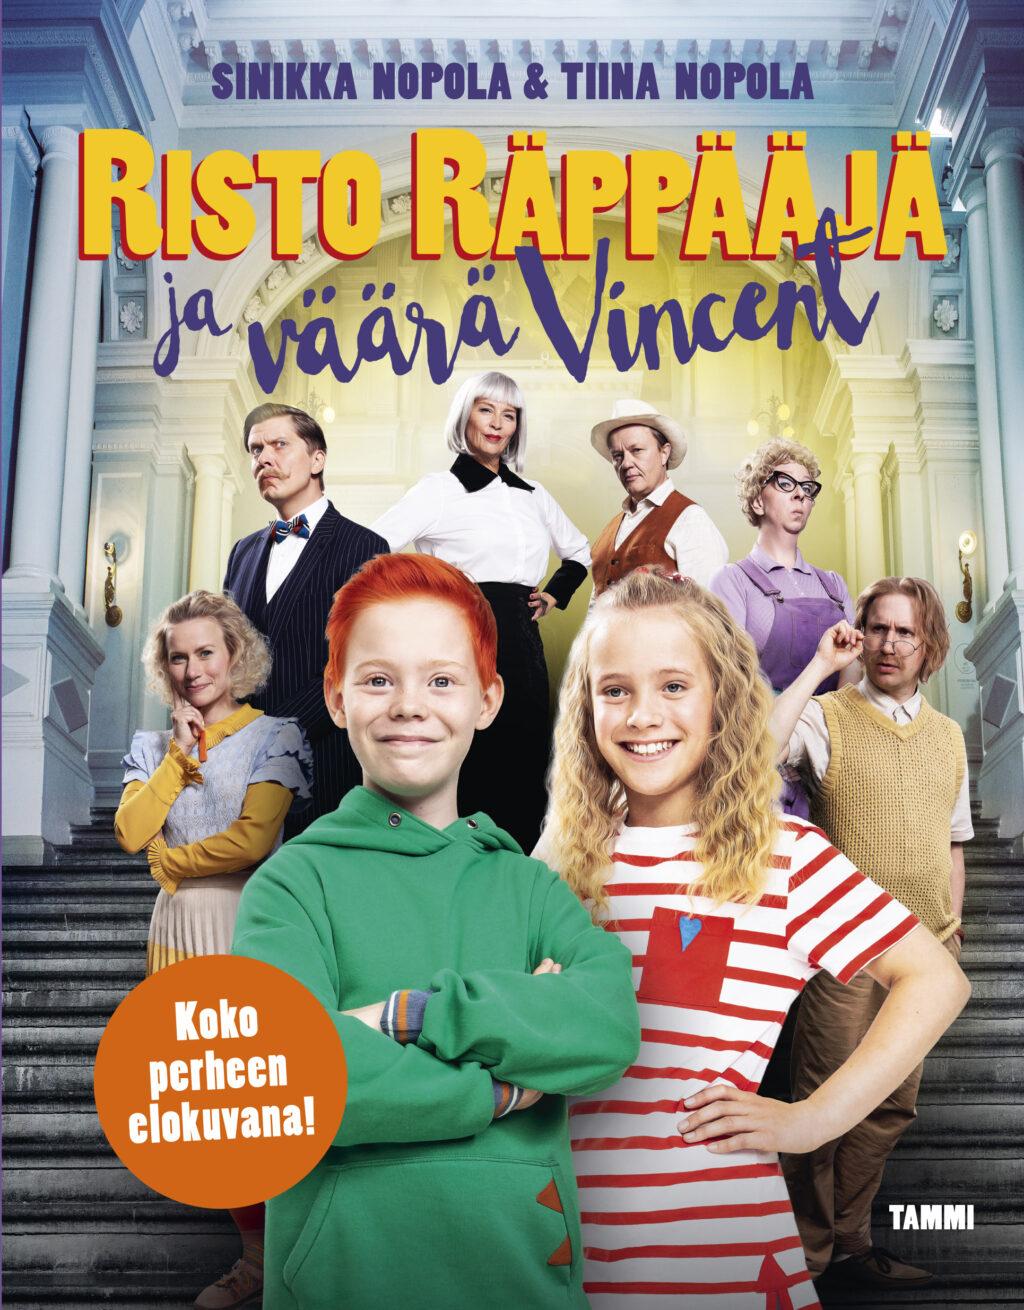 Risto Räppääjä ja väärä Vincent – leffakirja #väärävincentleffakirja 2020